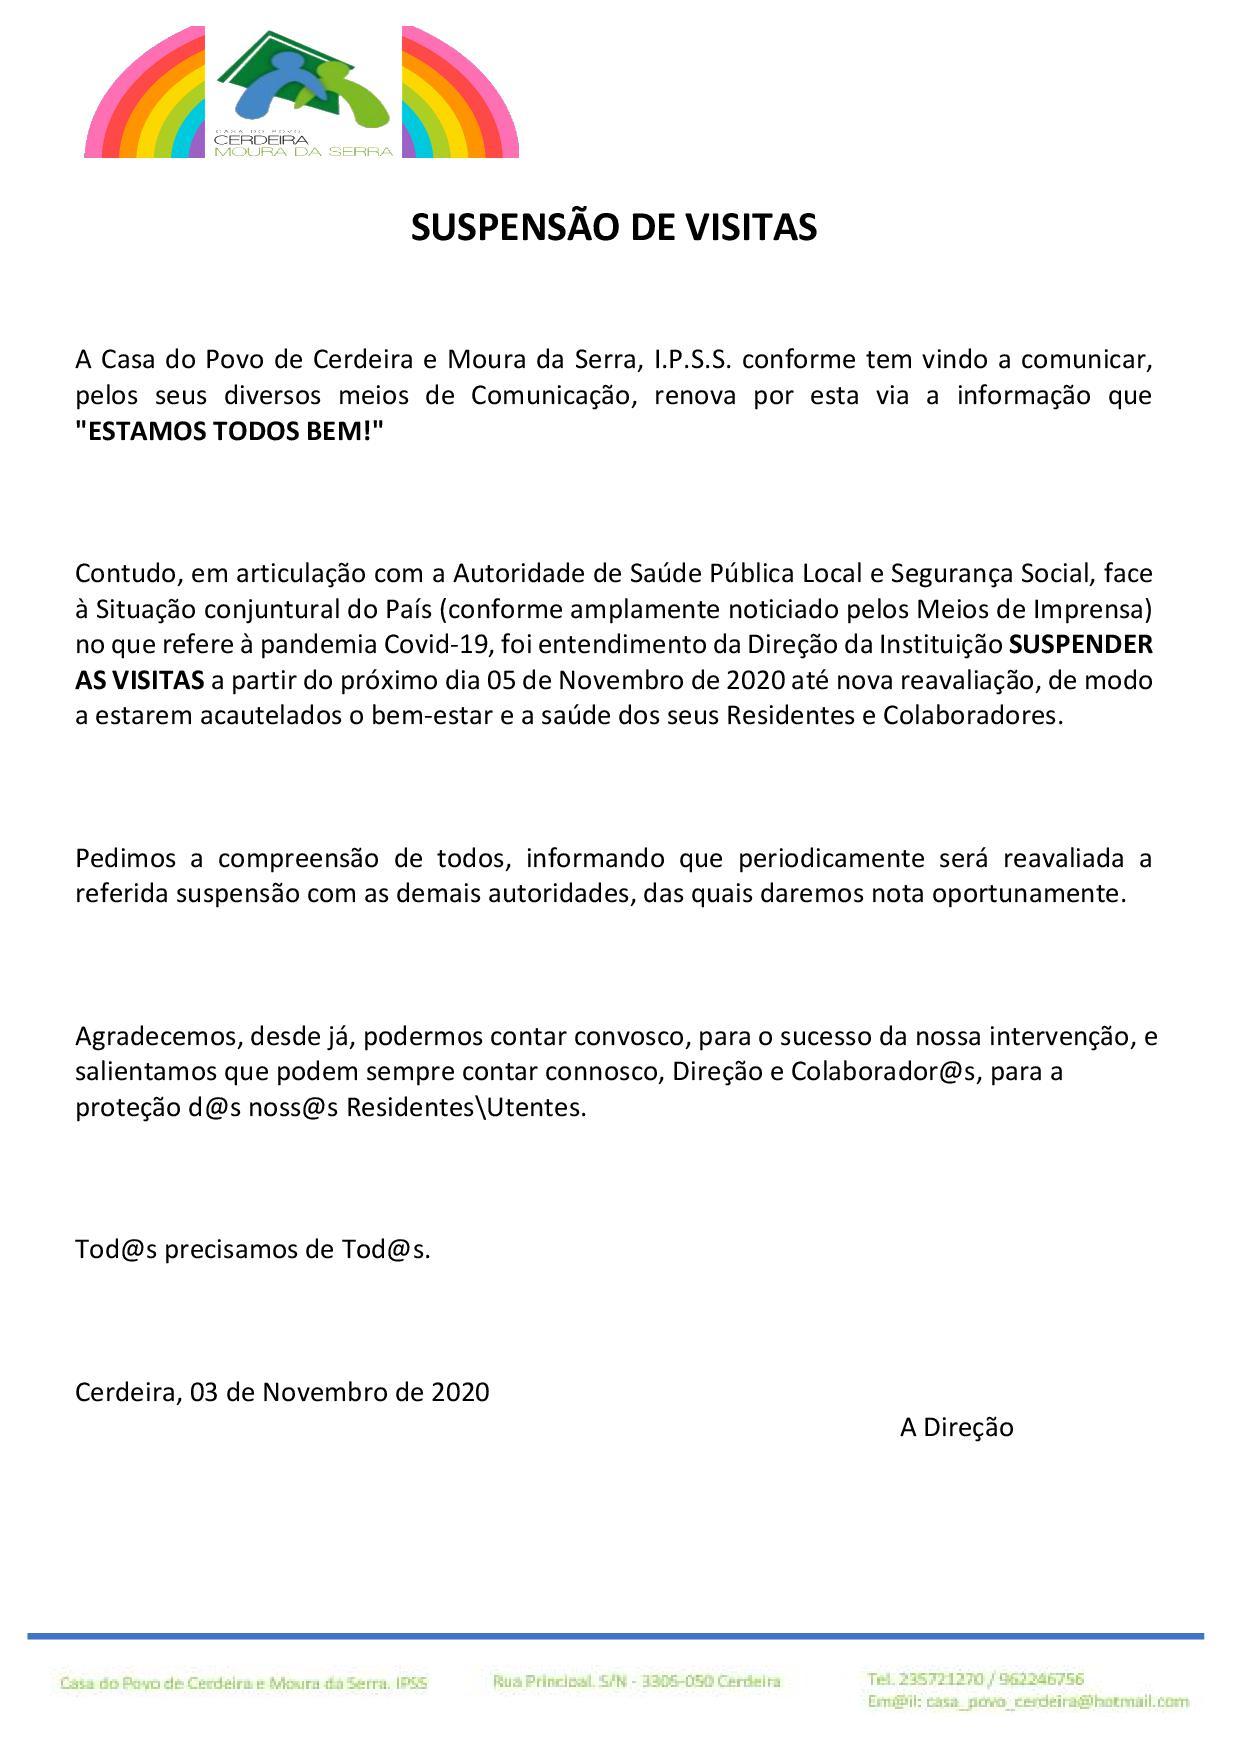 Casa do Povo de Cerdeira e Moura da Serra, I.P.S.S. – SUSPENSÃO DE VISITAS / ESTAMOS TODOS BEM